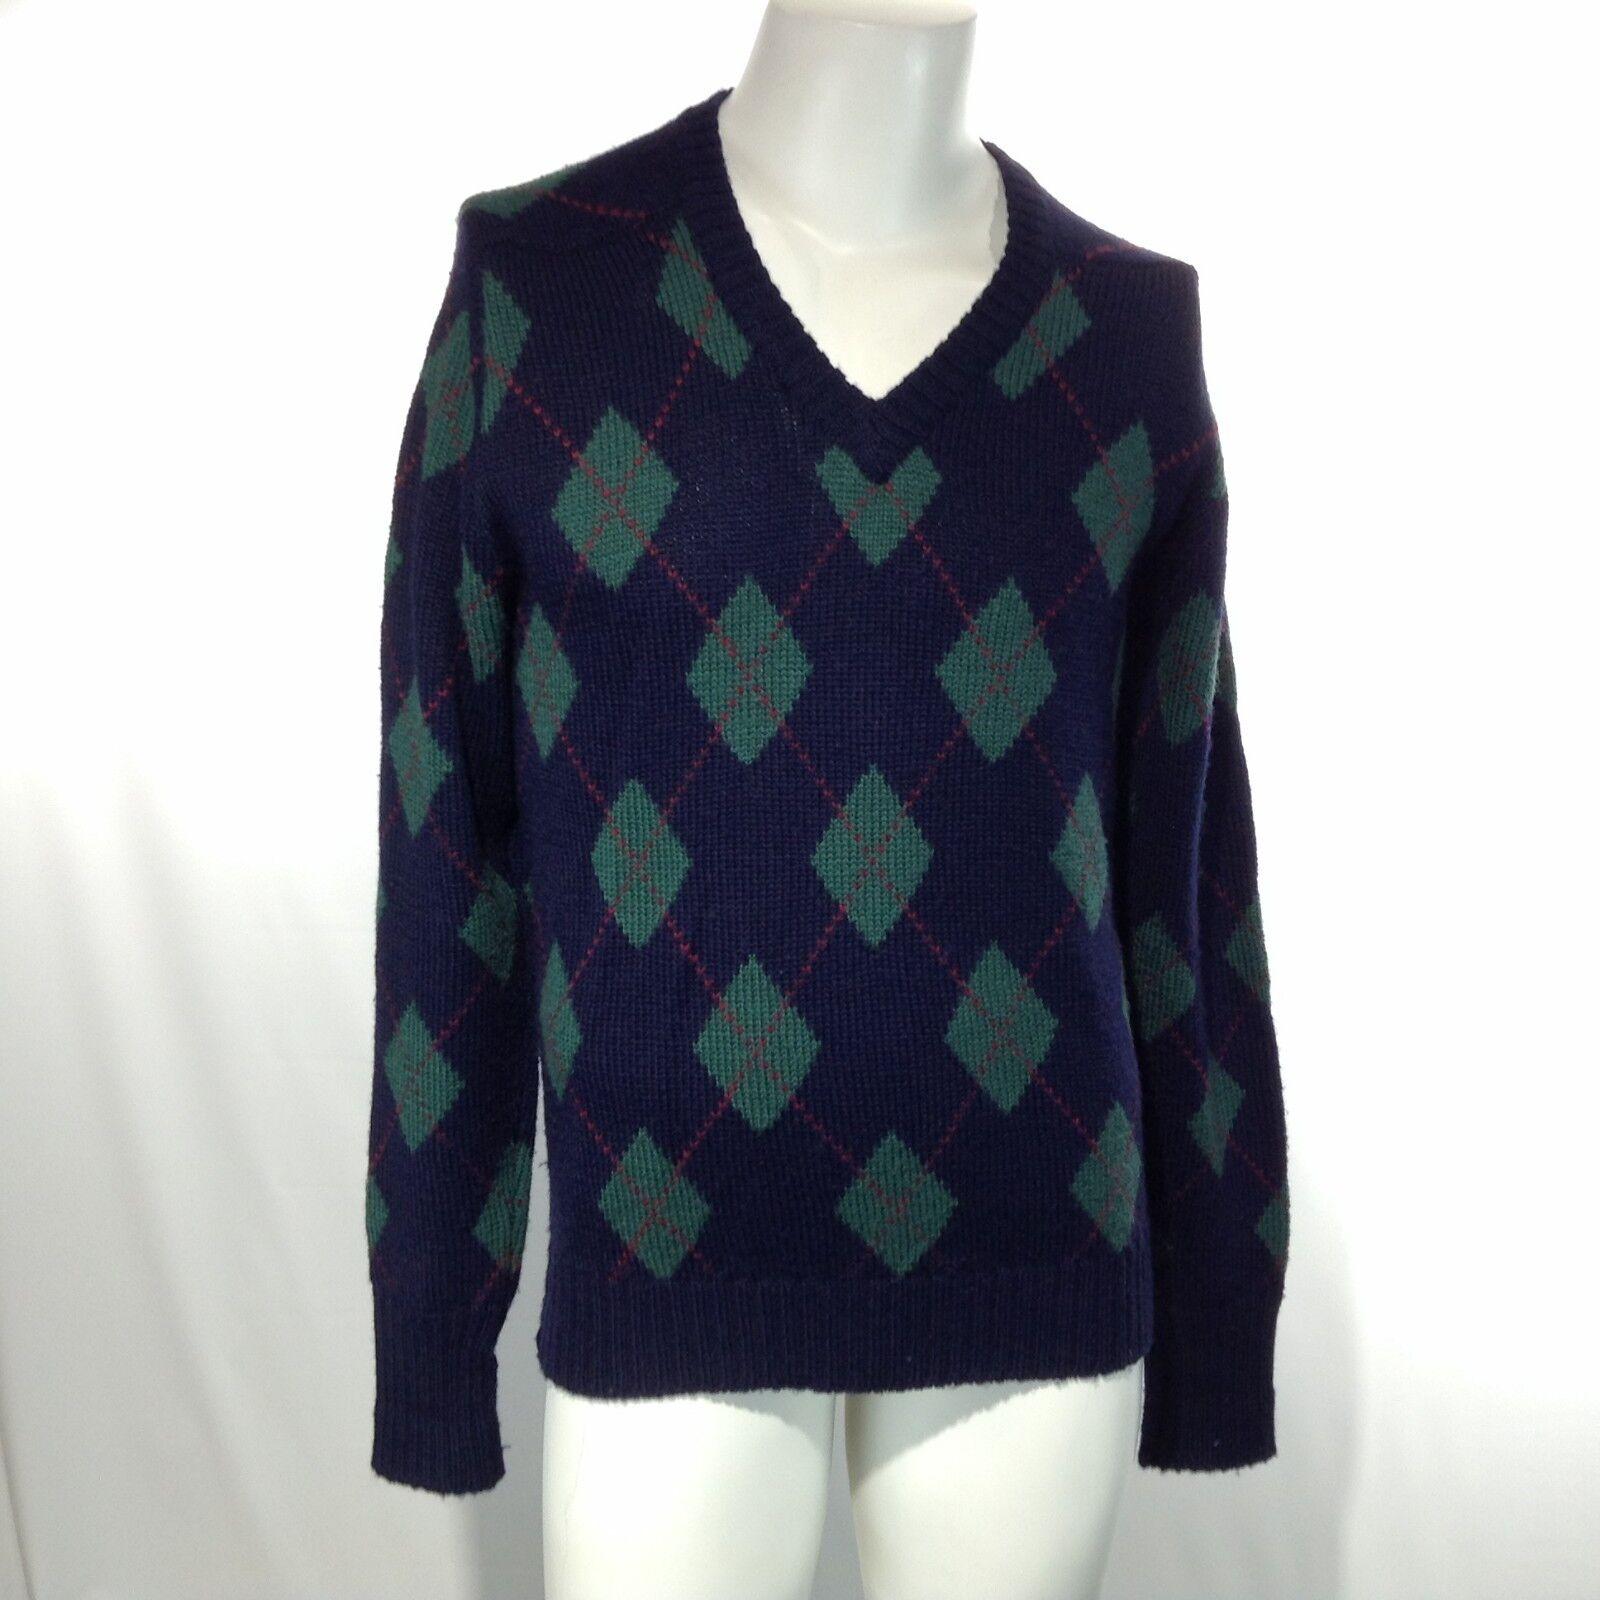 DUNHILL HONG KONG Men's WOOL Heavy Knit Sweater bluee Green Diamonds Medium